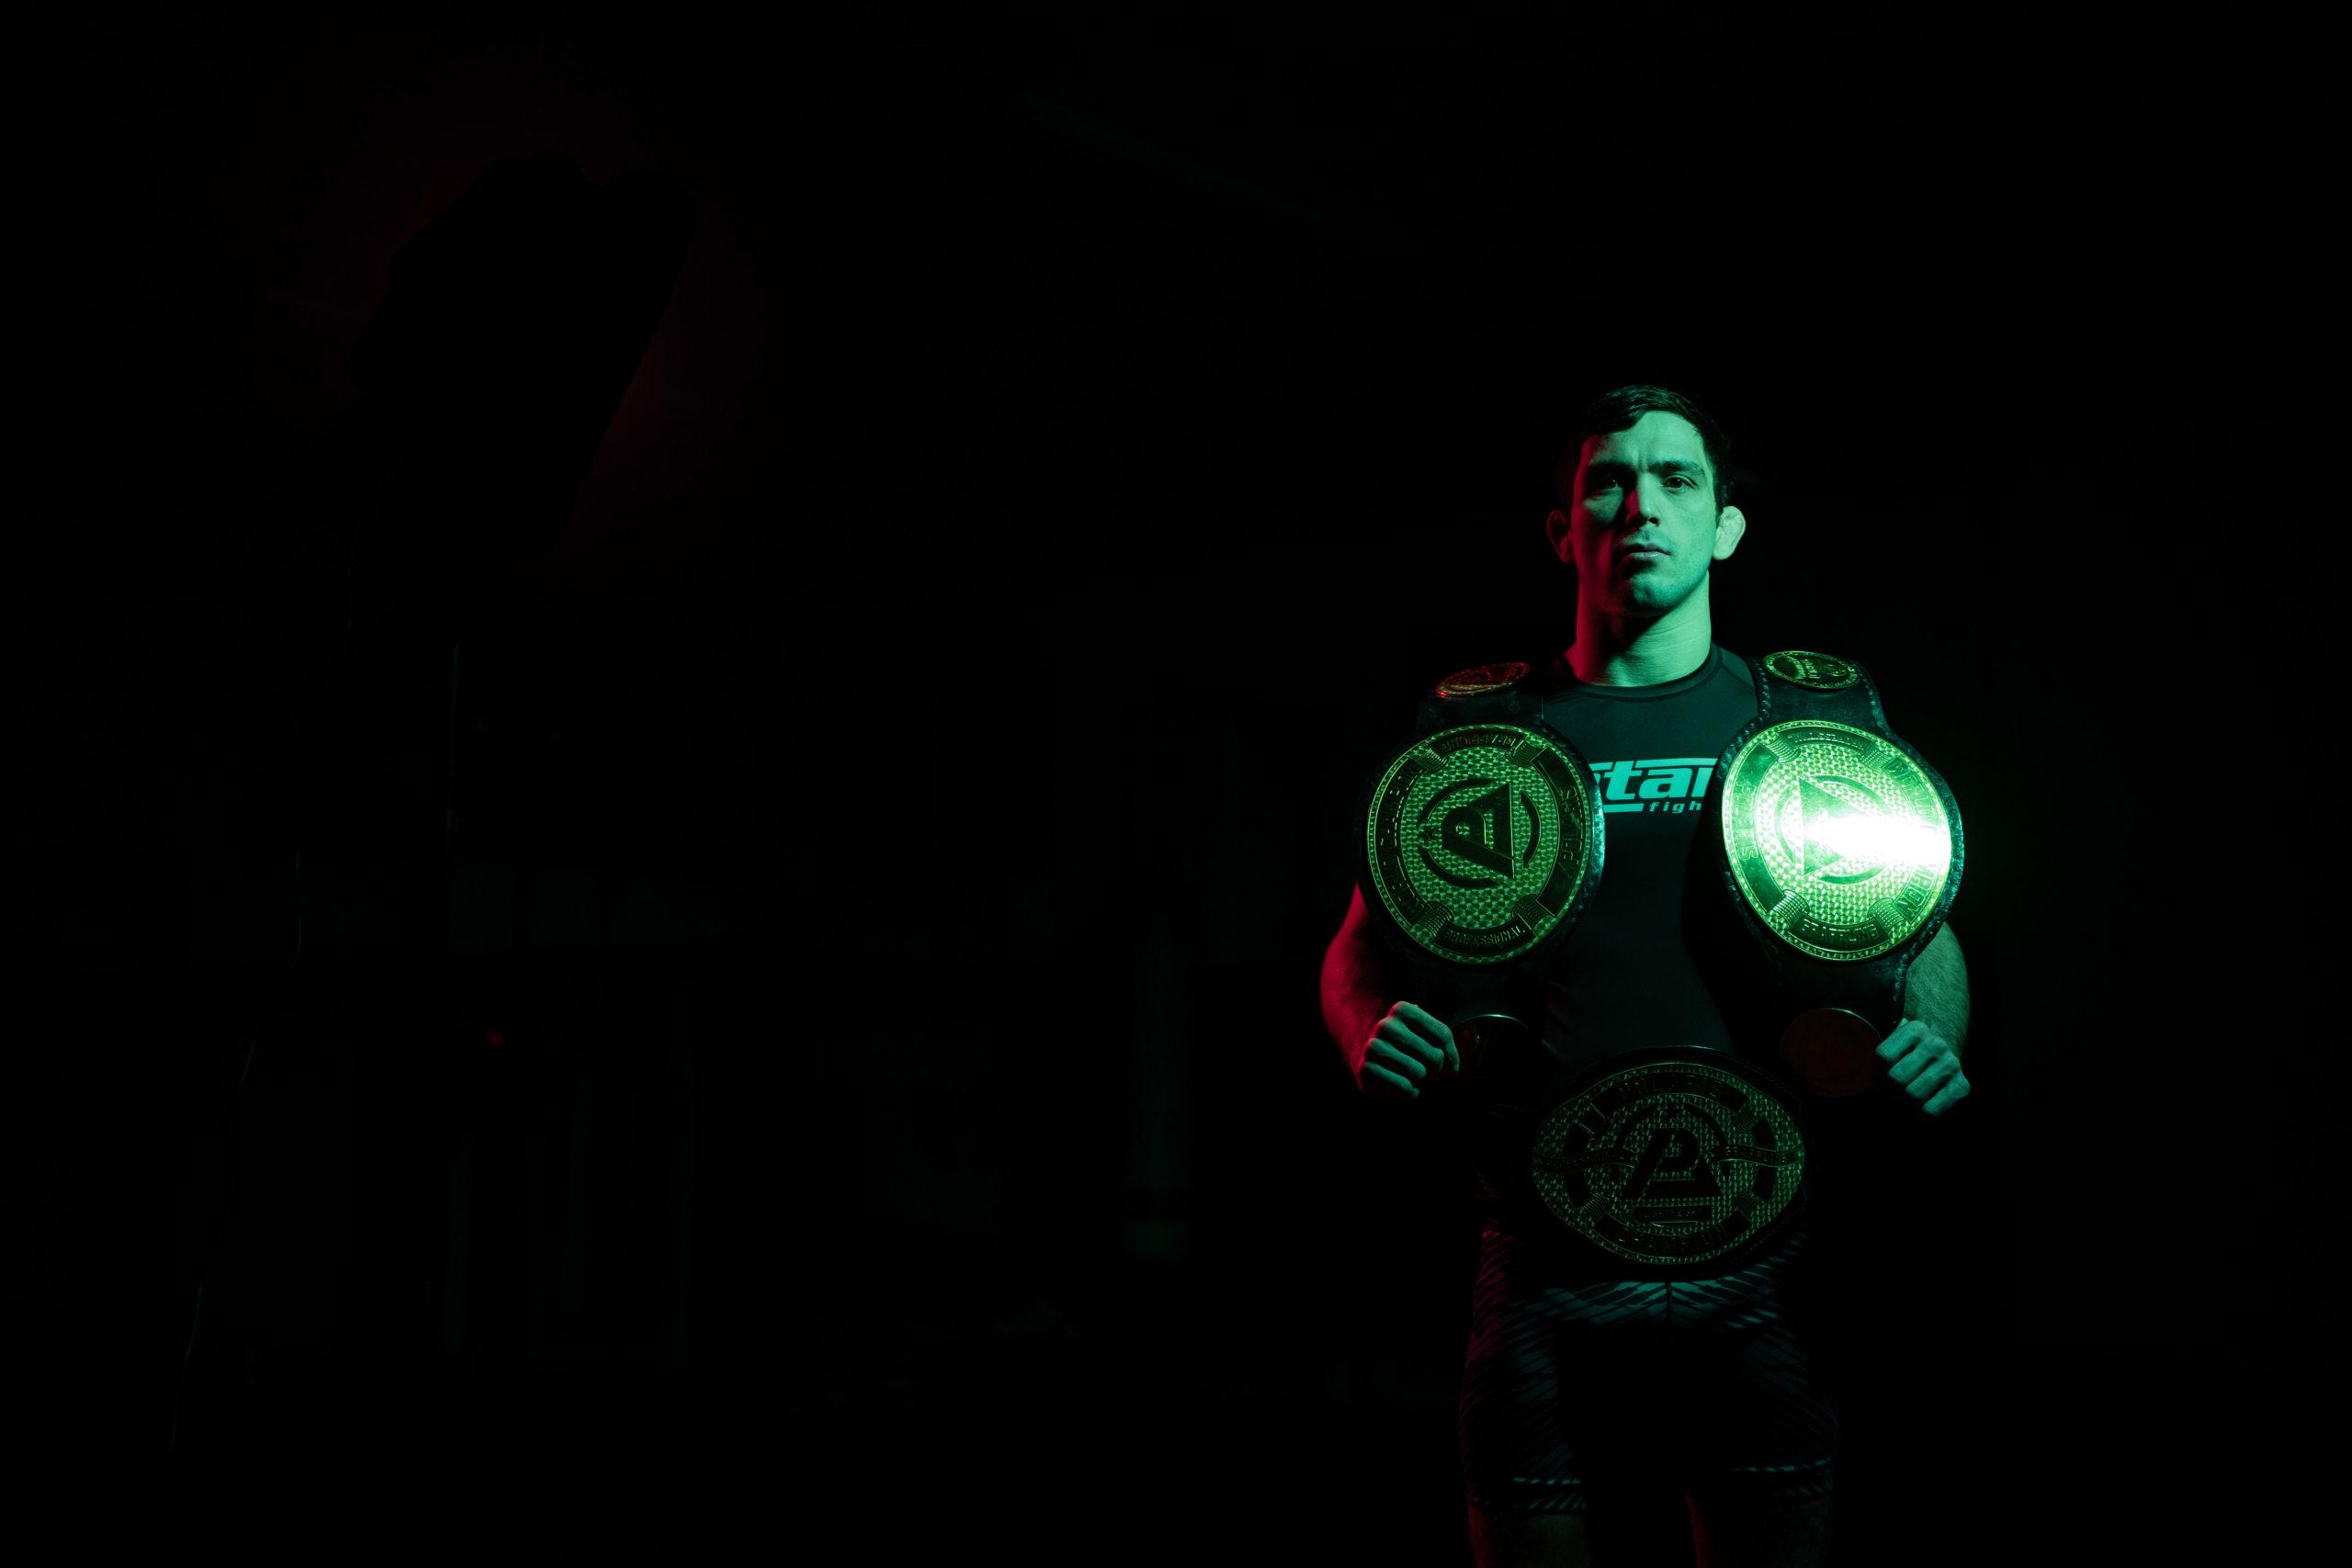 Triple Polaris Champion Ash Williams Launches Online Platform